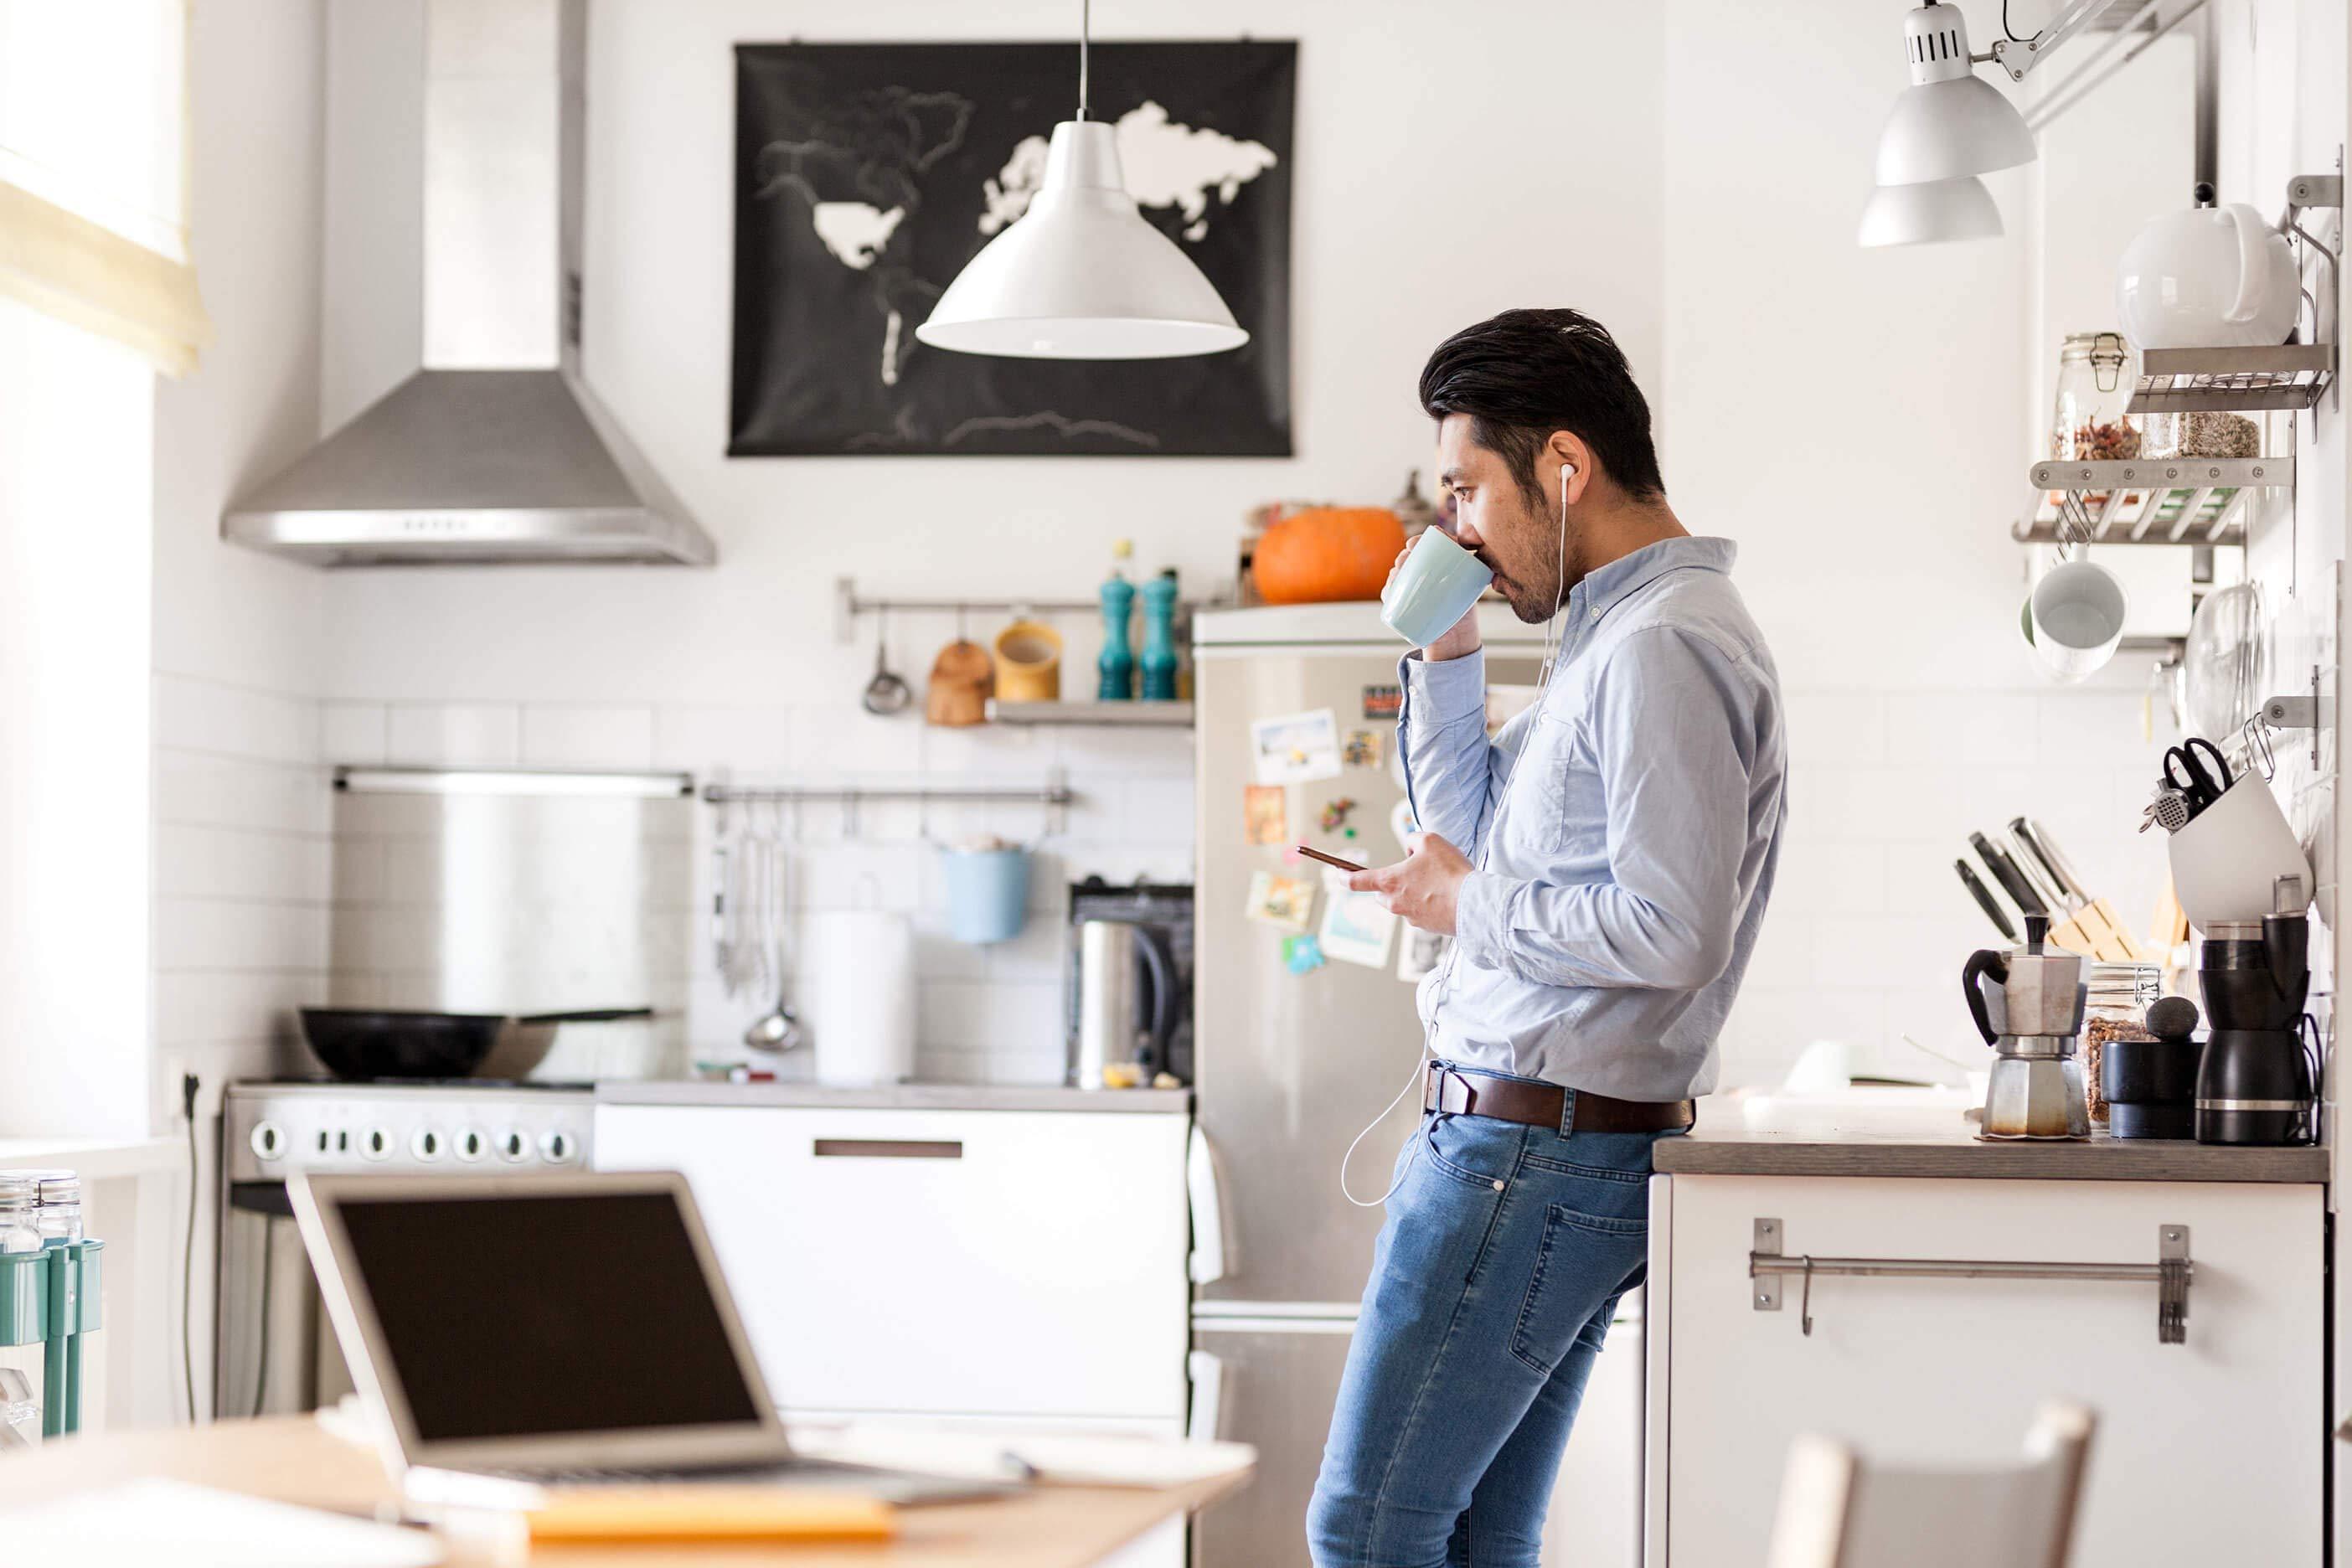 شاب يشرب القهوة في المطبخ بينما يستمع من خلال السماعات المتصلة بهاتفه. يظهر كمبيوتر محمول على المنضدة في المقدمة.